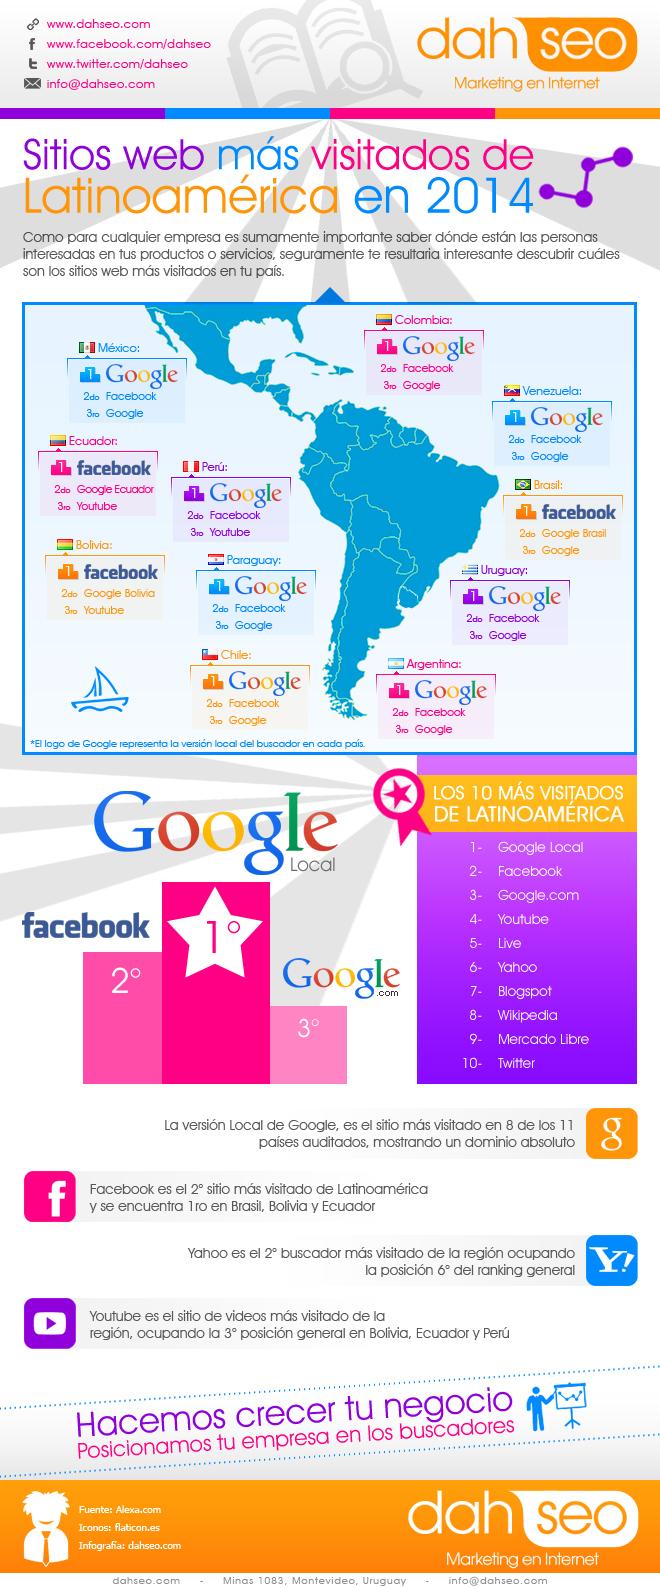 Las webs más visitadas de Latinoamérica